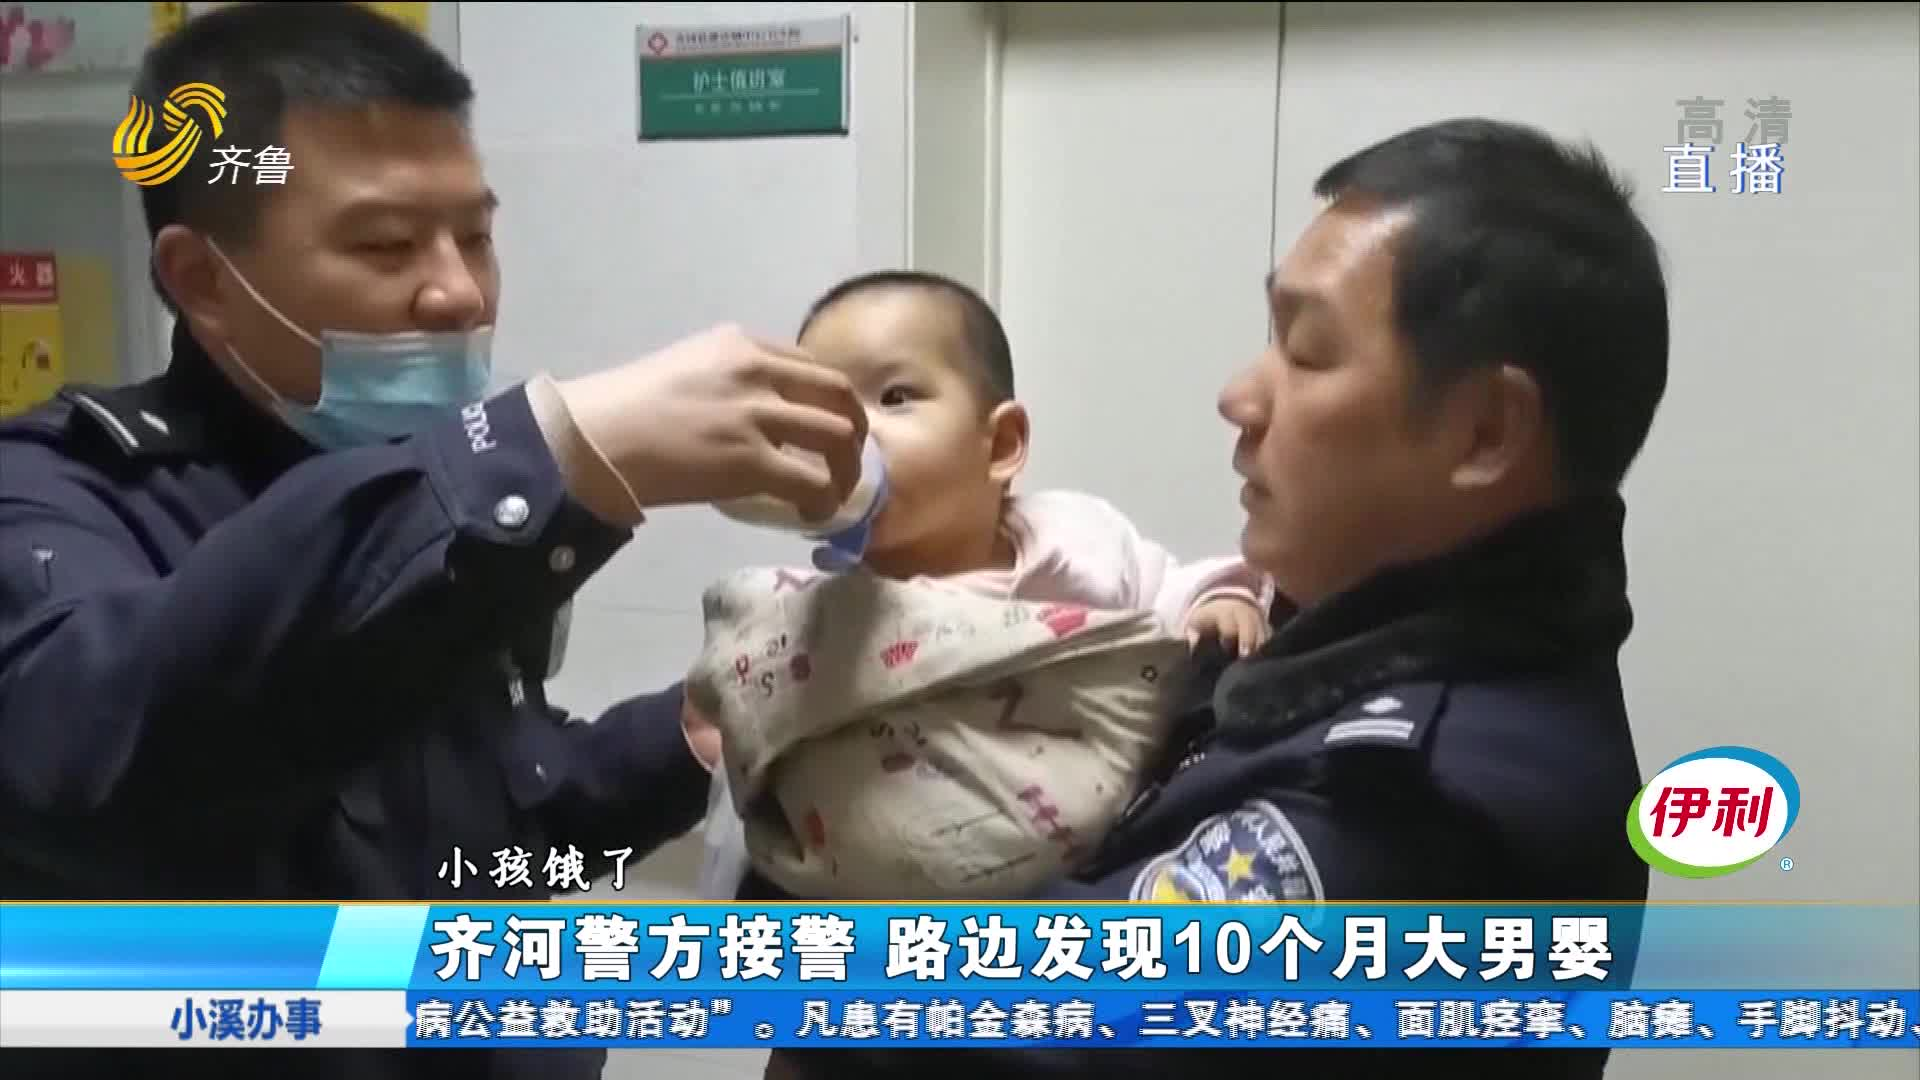 齐河警方接警 路边发现10个月大男婴